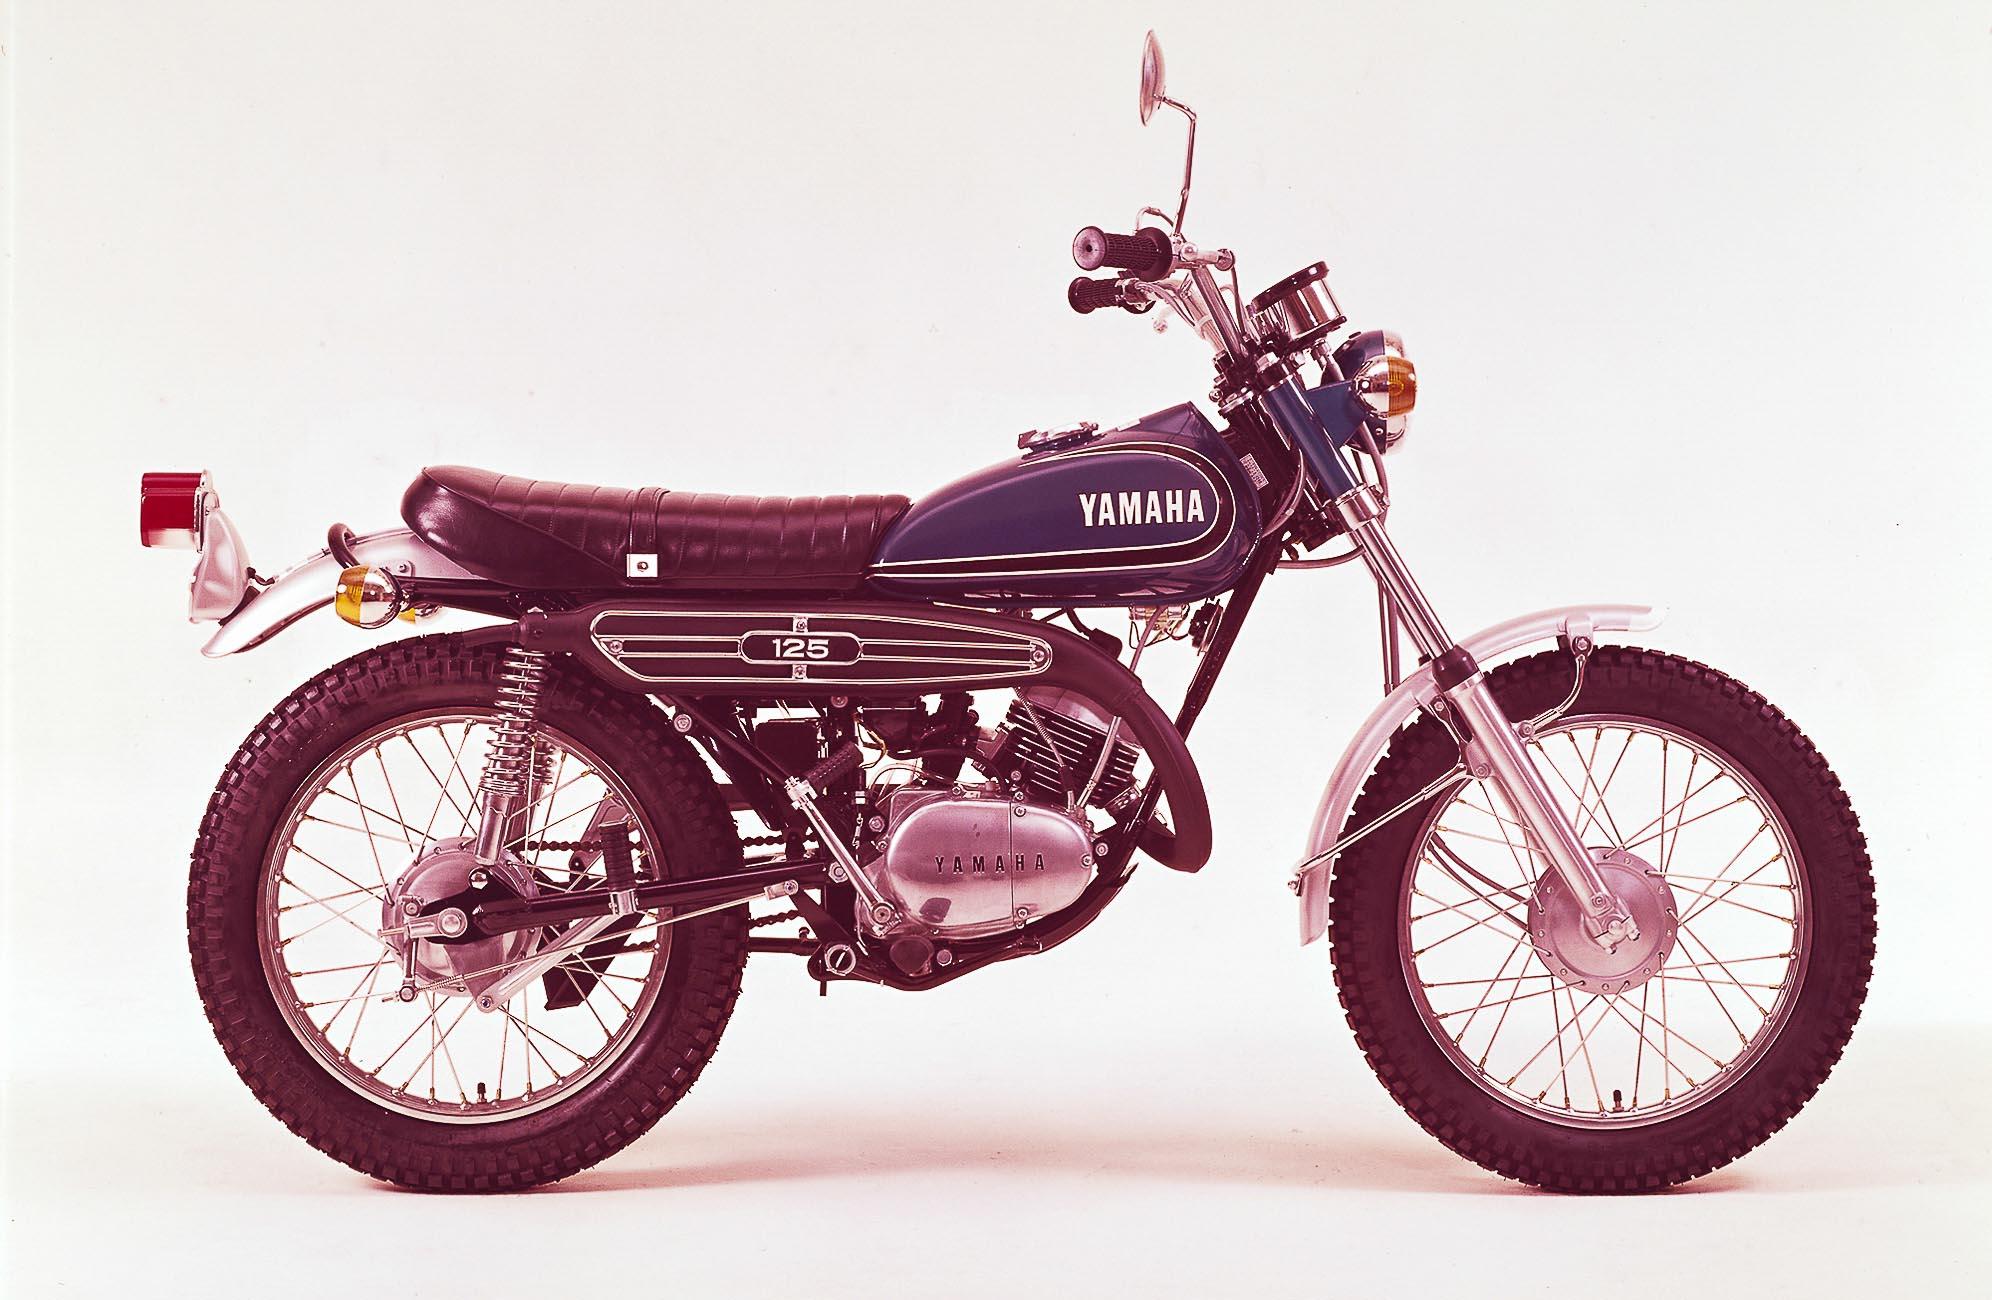 YAMAHA AT 125 (1969 - 1972)